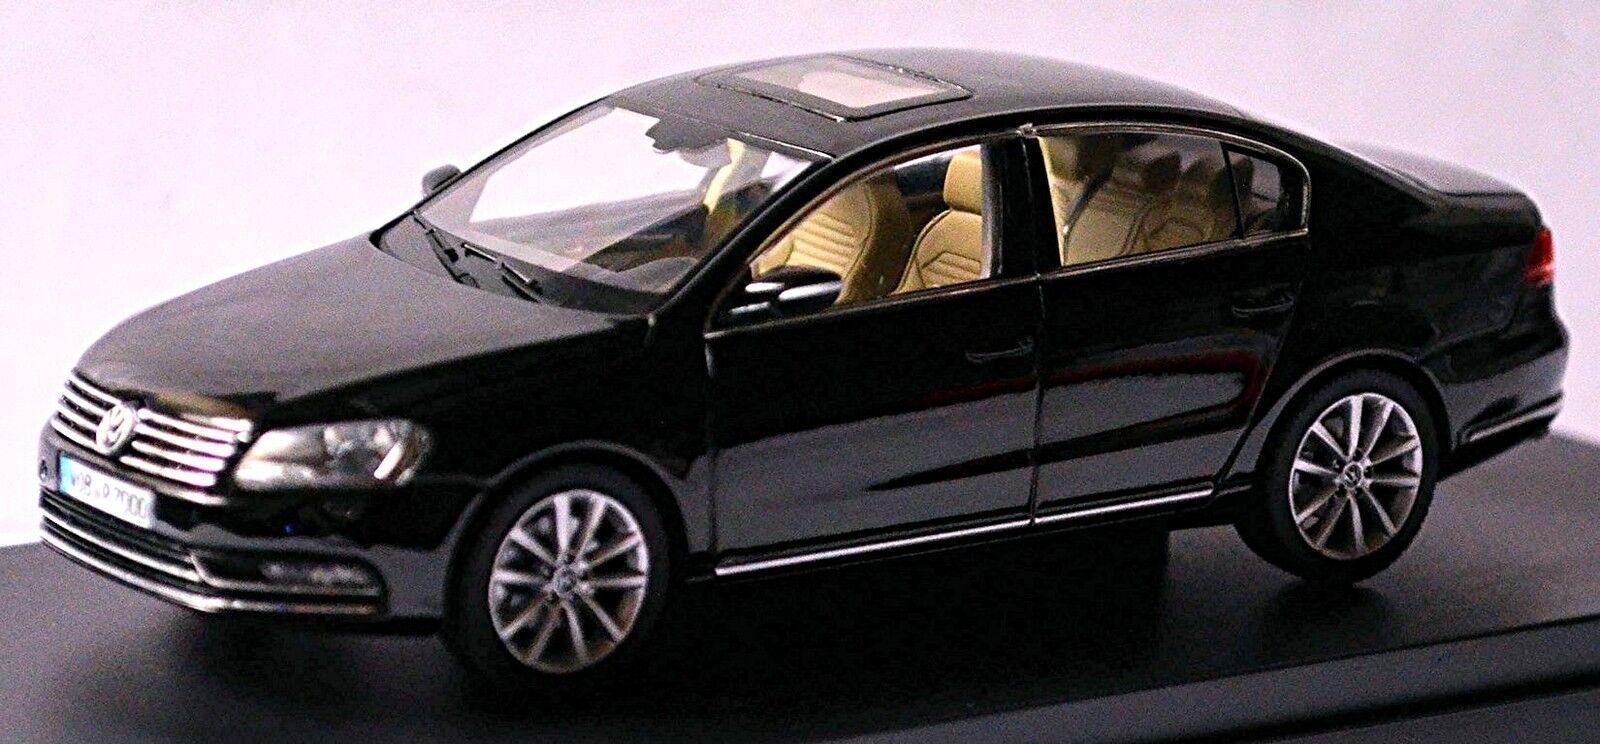 VW Volkswagen Passat Sedán B7 Tipo 3c 2010-14 Negro Negro 1 43